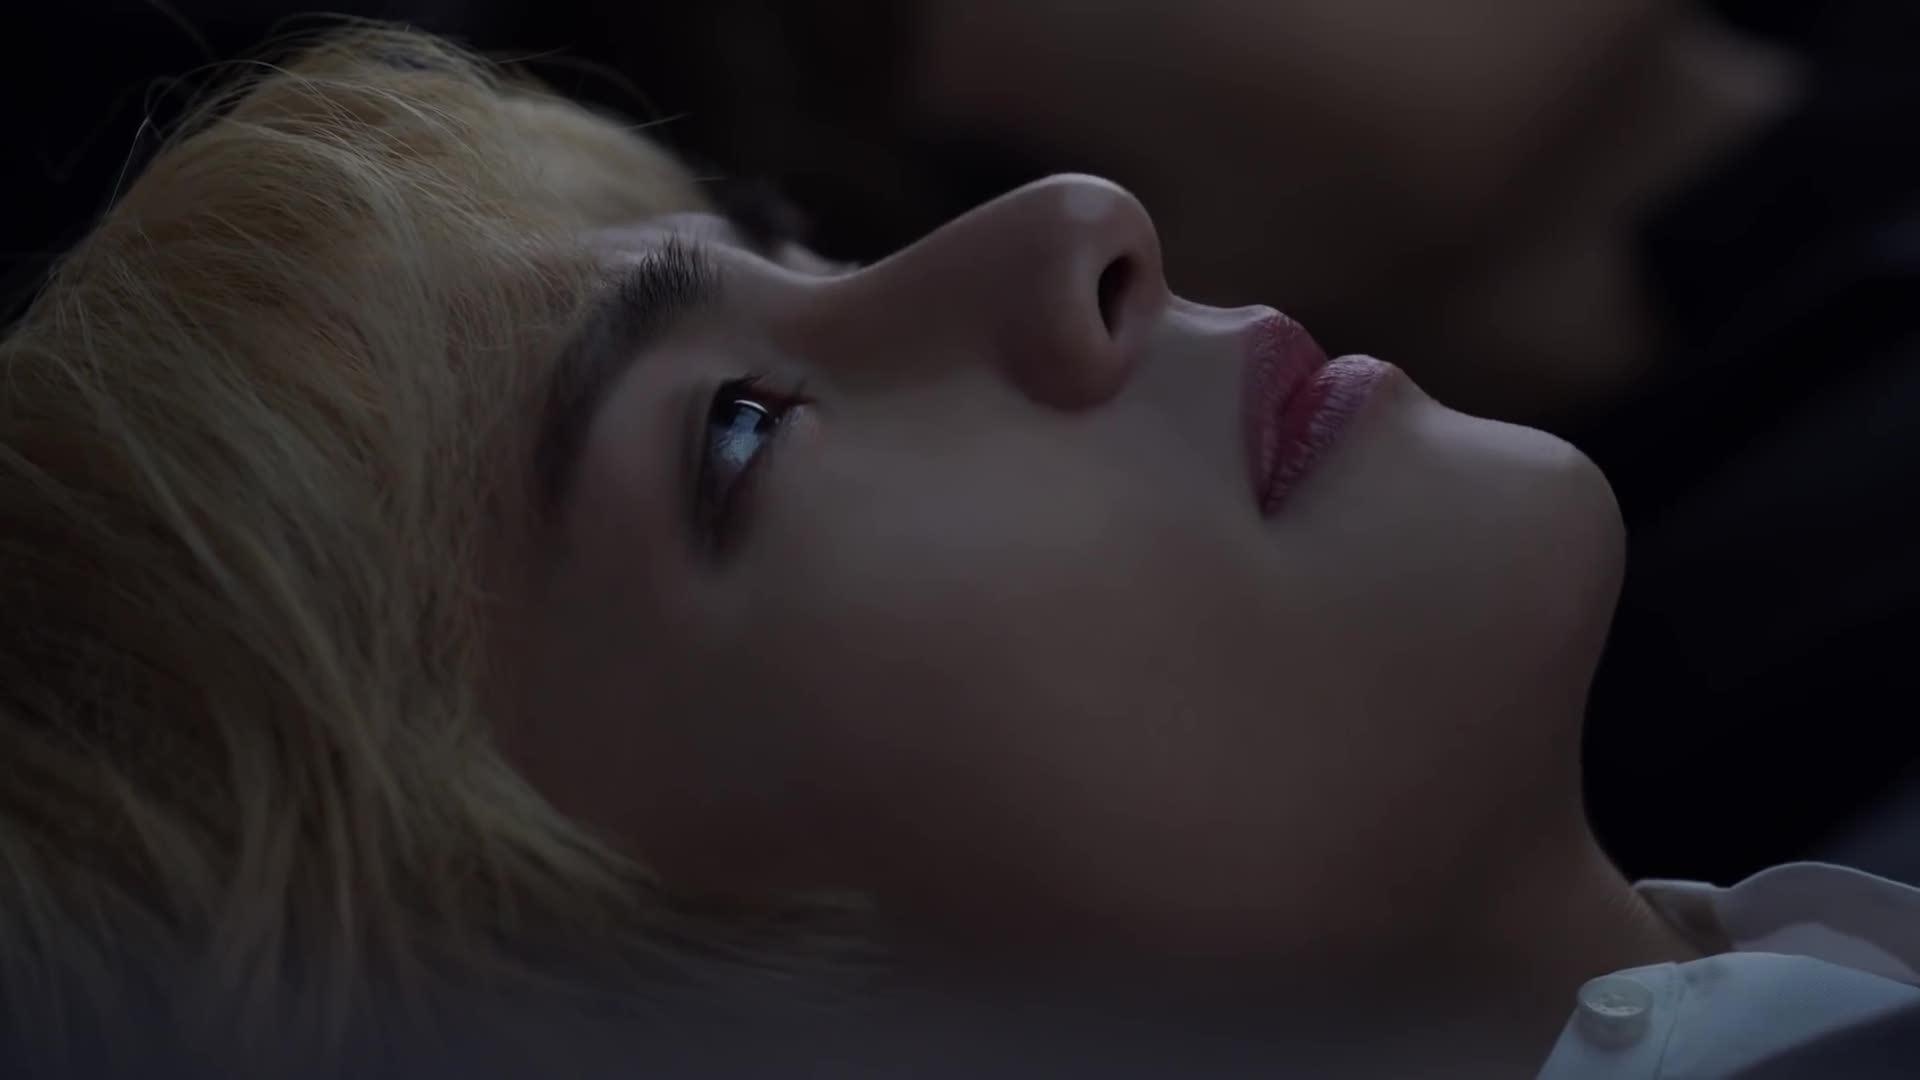 Video quảng cáo 'ngọt hơn đường' của V - Jung Kook khiến fan bấn loạn